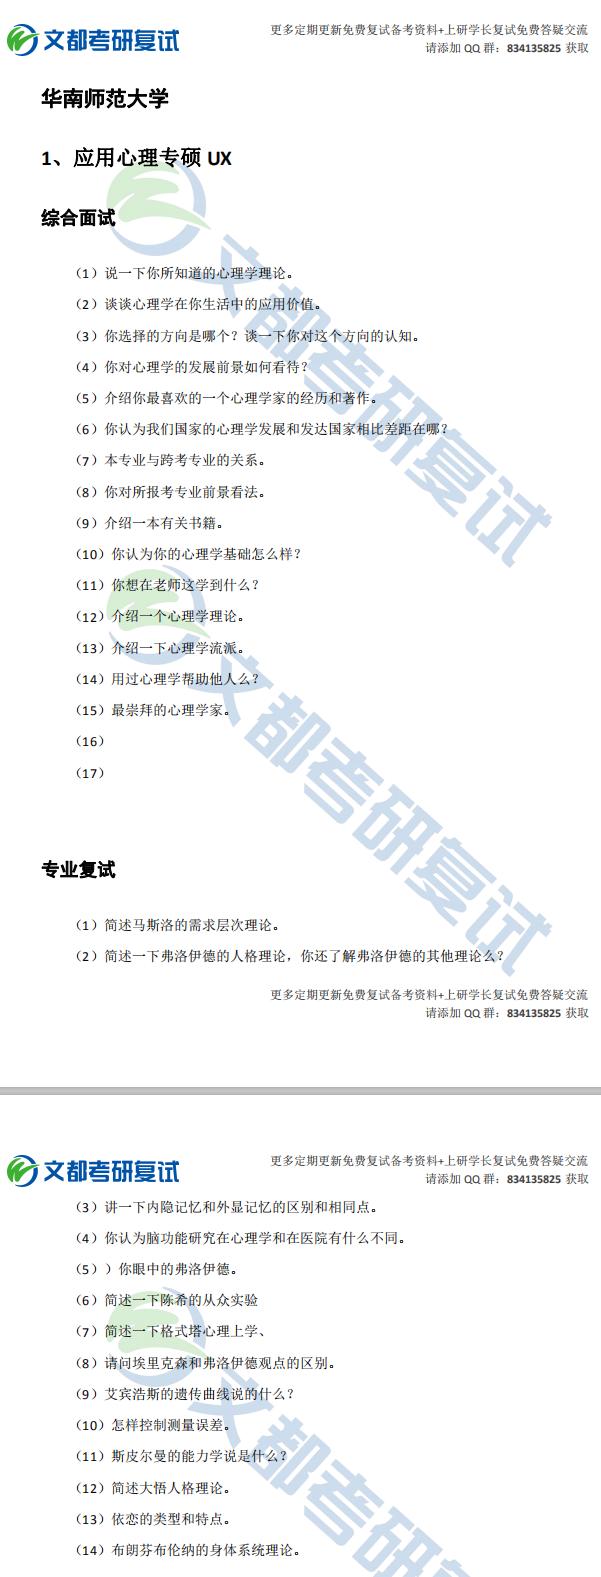 华南师范大学应用心理学考研复试真题